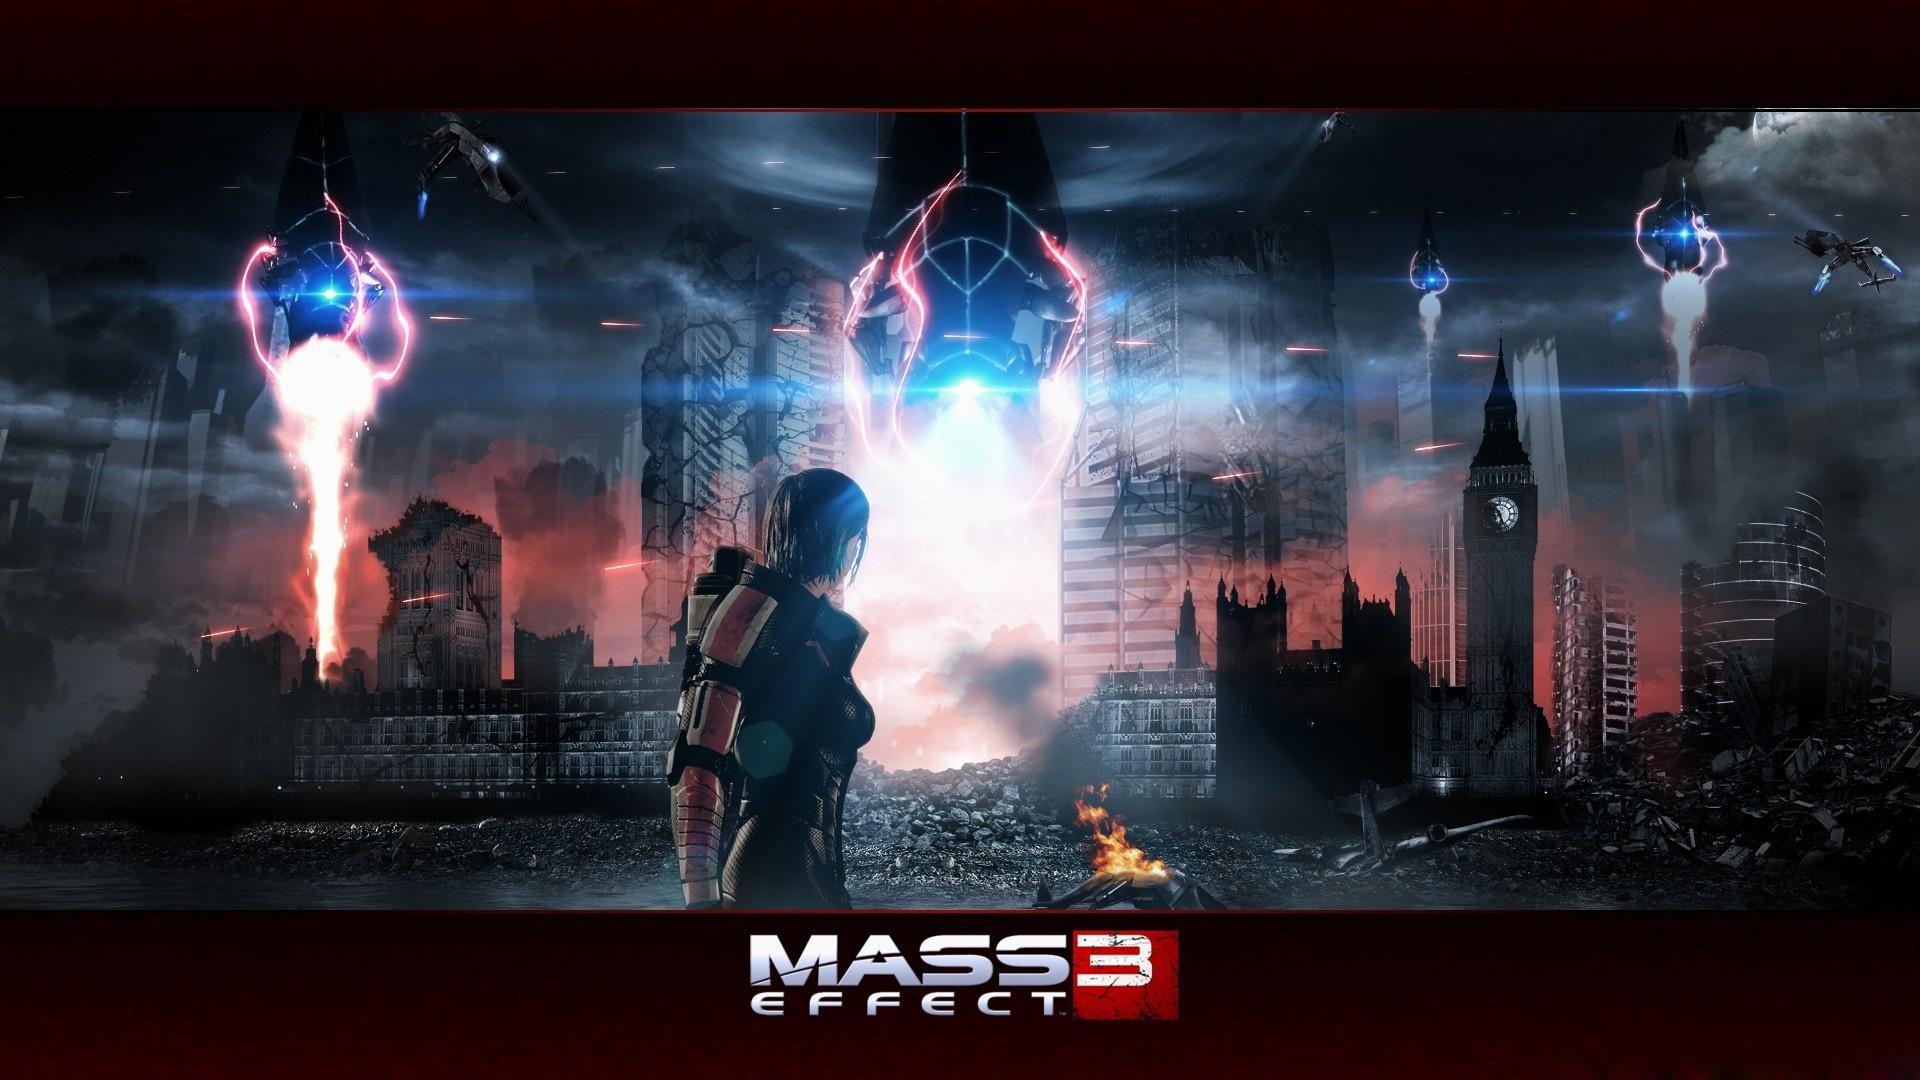 Photos-Download-Mass-Effect-Wallpaper-HD